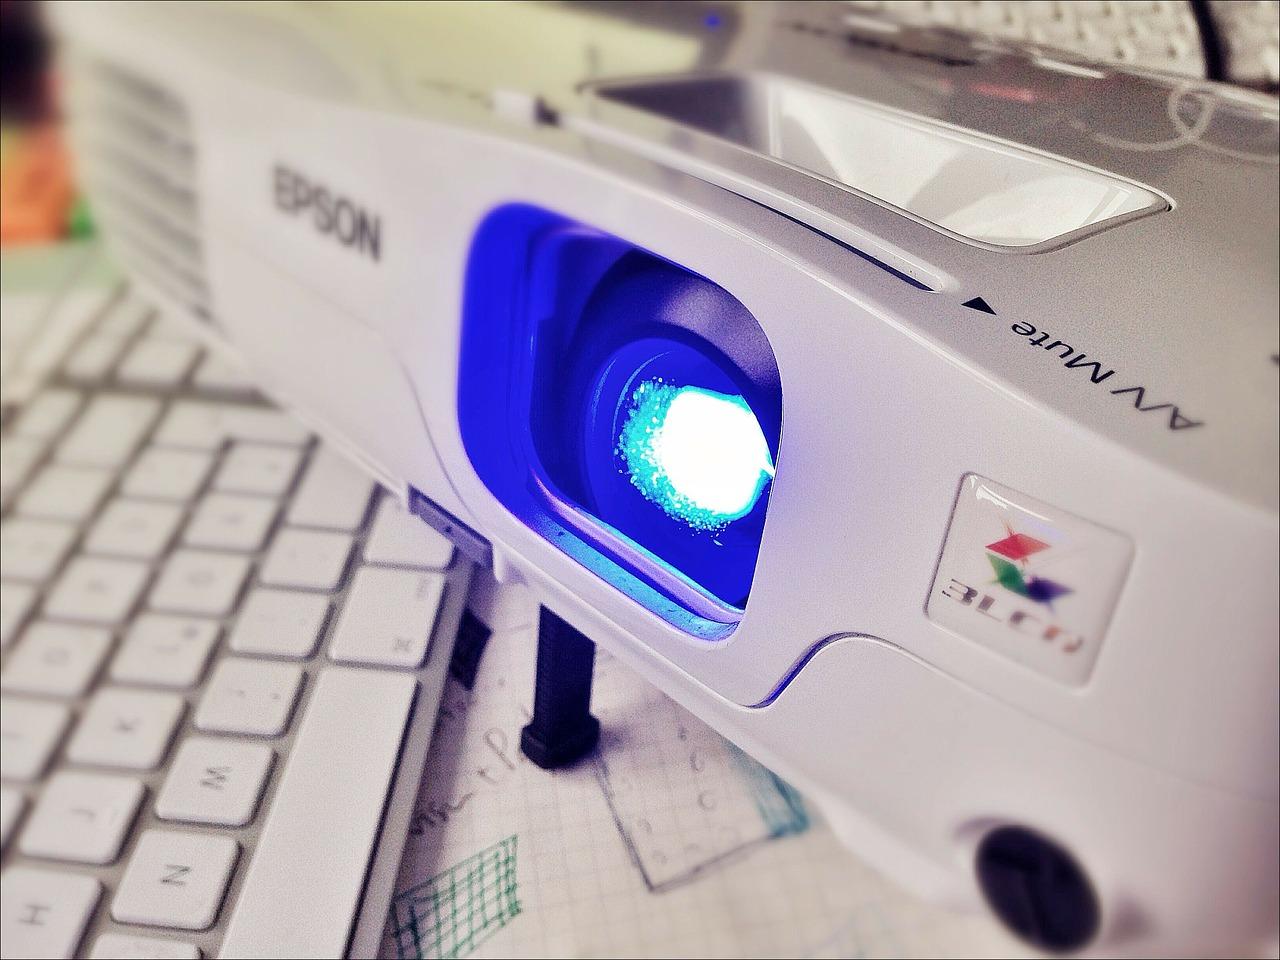 Verleih von Videokonferenz-Koffern für Vereine (Symbolbild) Quelle: pixabay.com